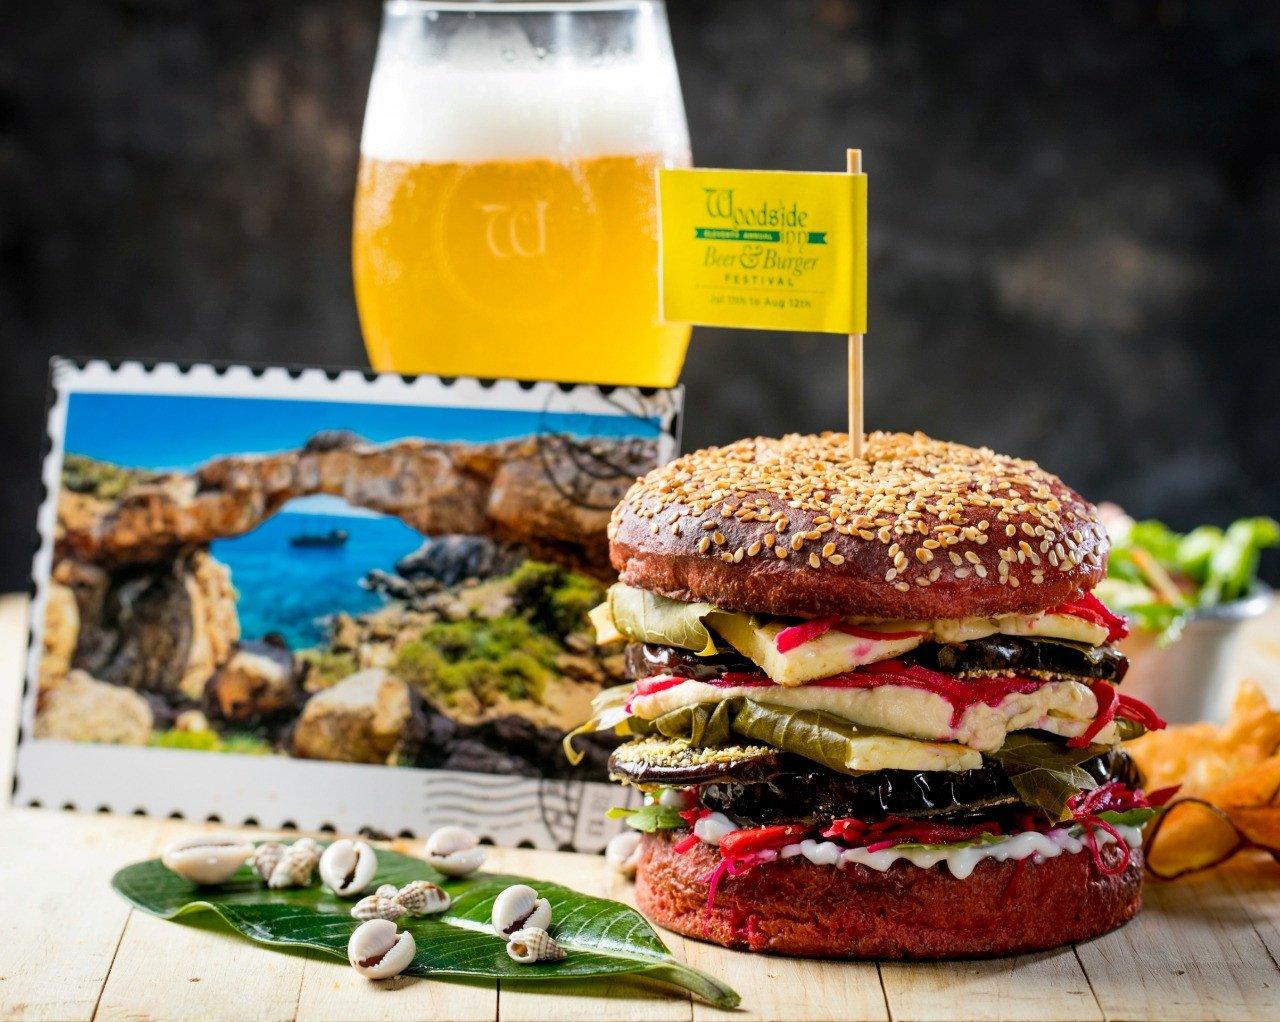 बर्गर आणि बिअर फेस्टिव्हलचा डबल धमाका